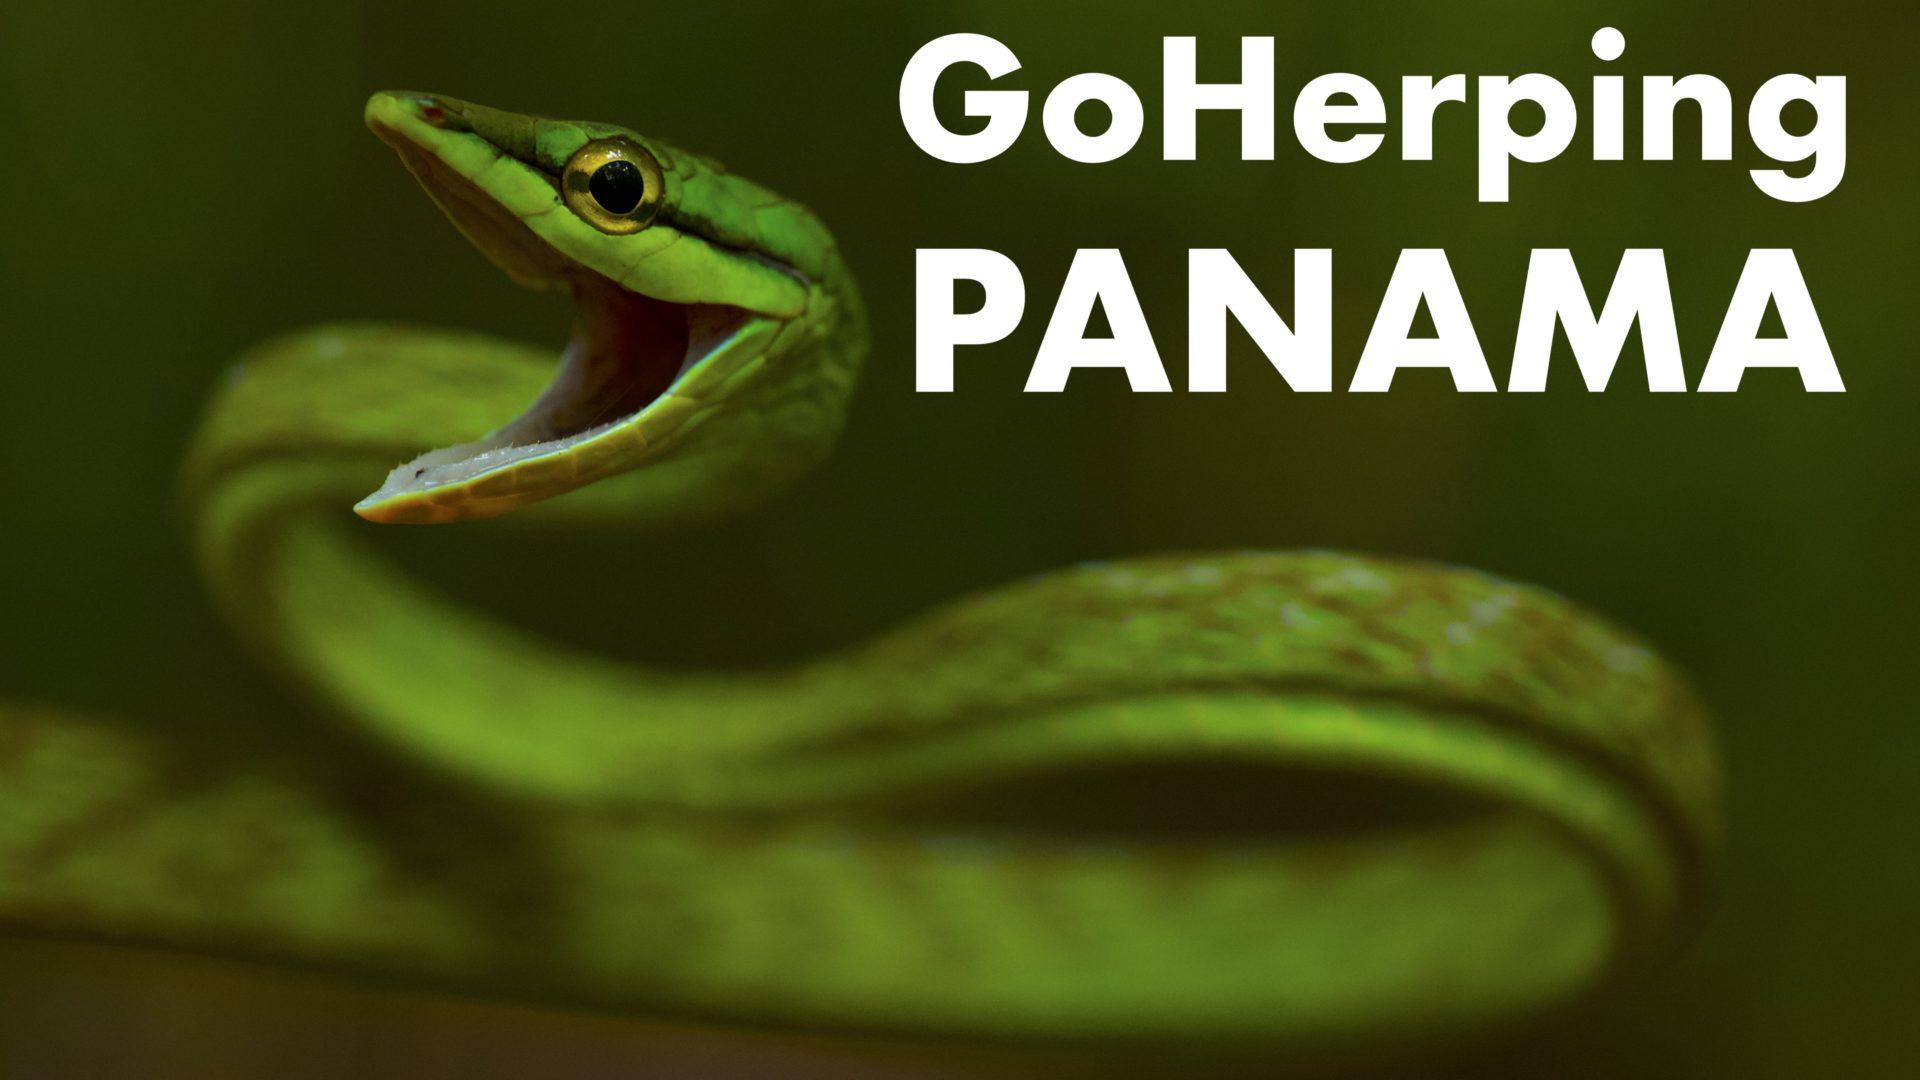 Le travail de terrain d'un biologiste au Panama